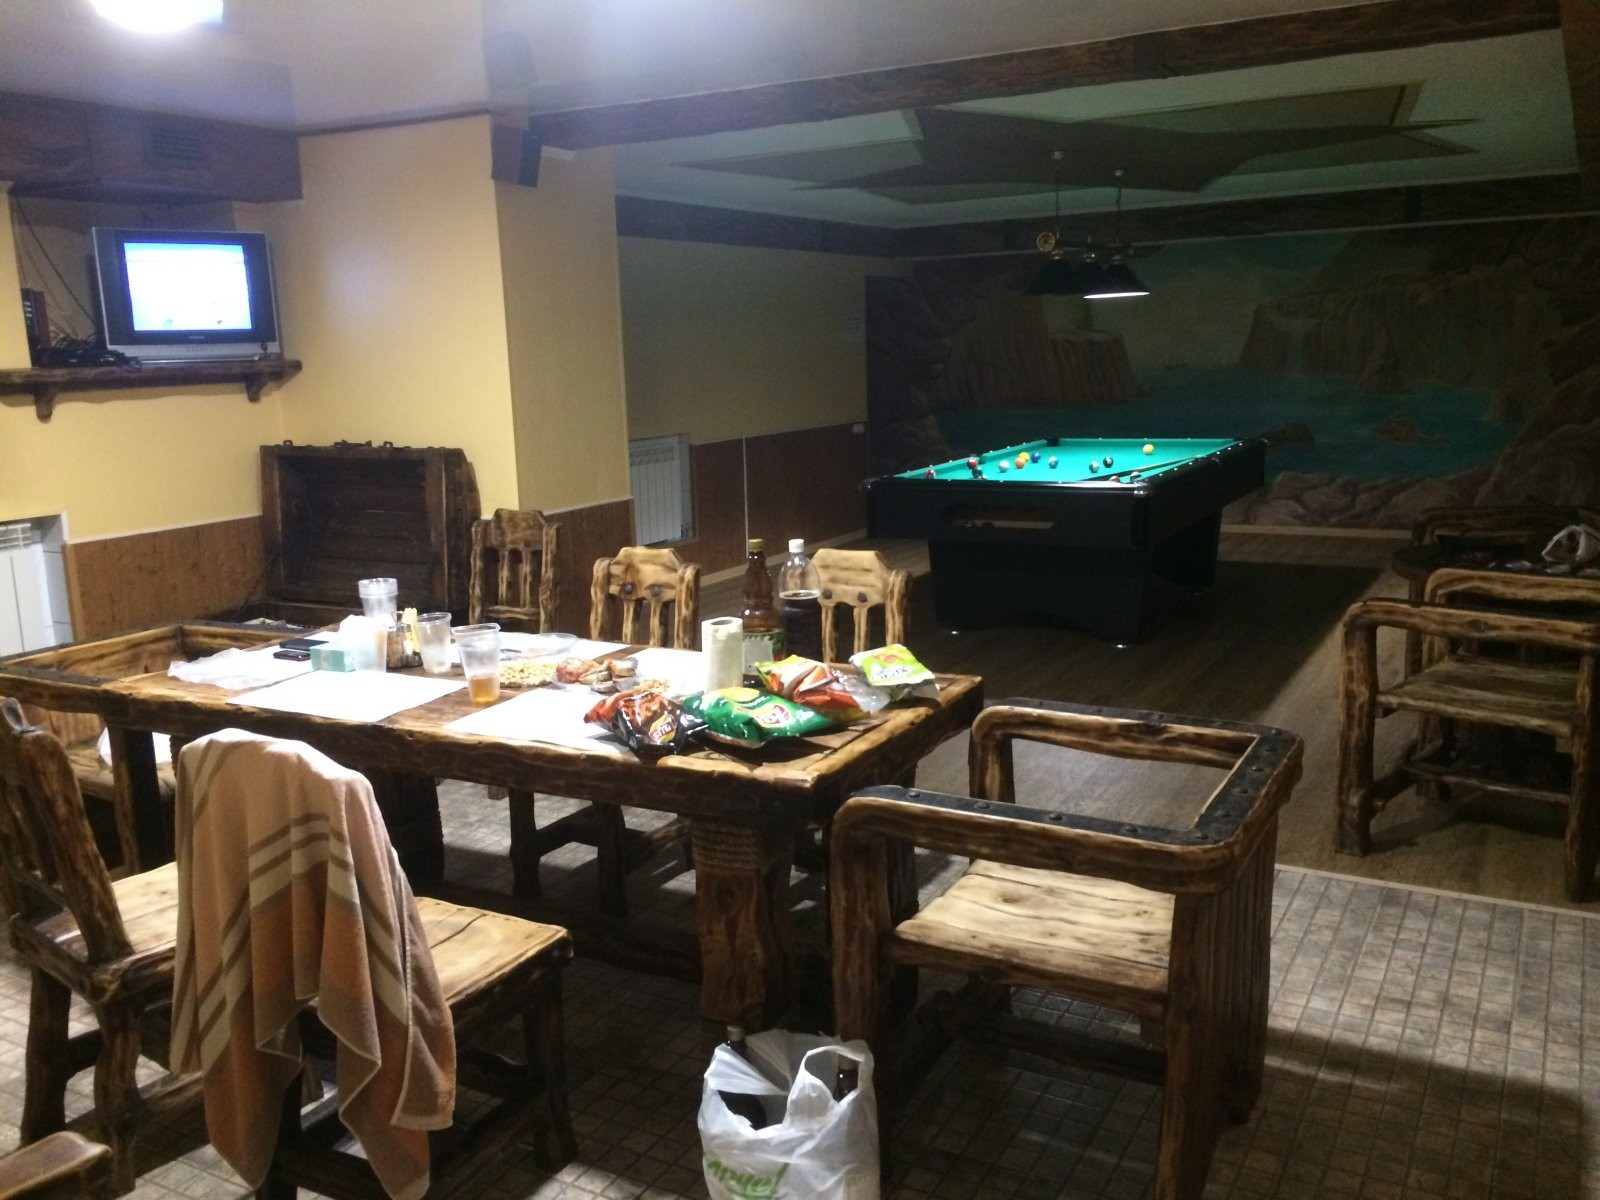 Атлантида, гостинично-оздоровительный комплекс - №4